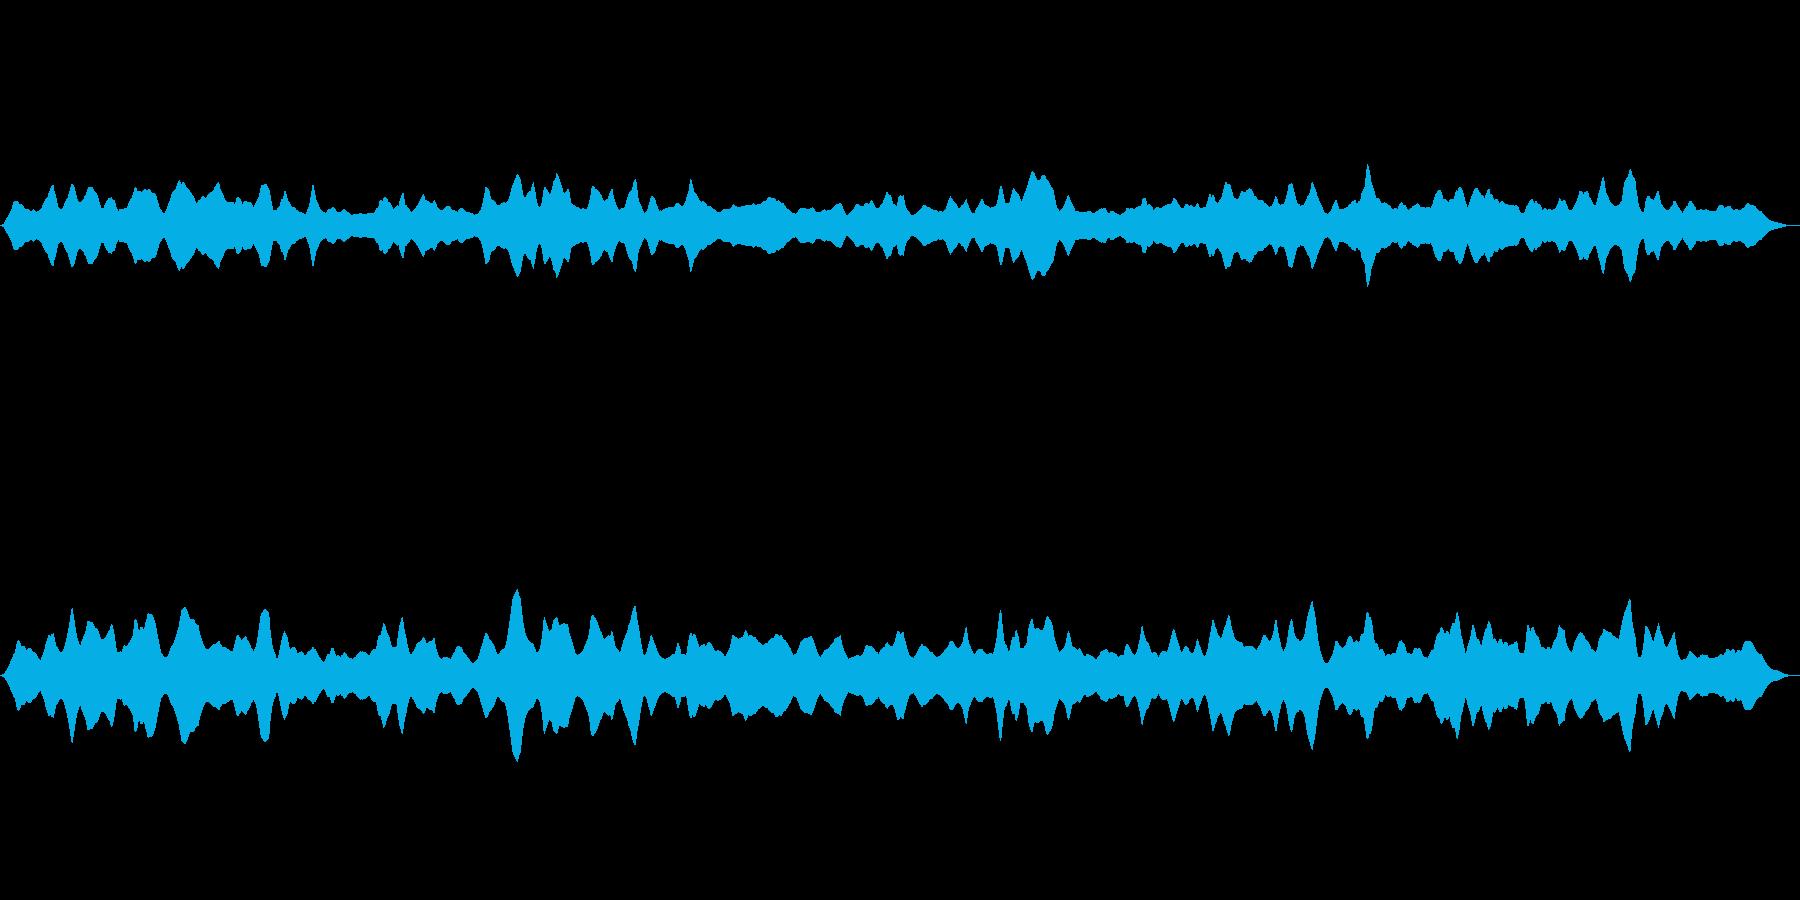 宇宙空間をイメージした5分間の効果音の再生済みの波形